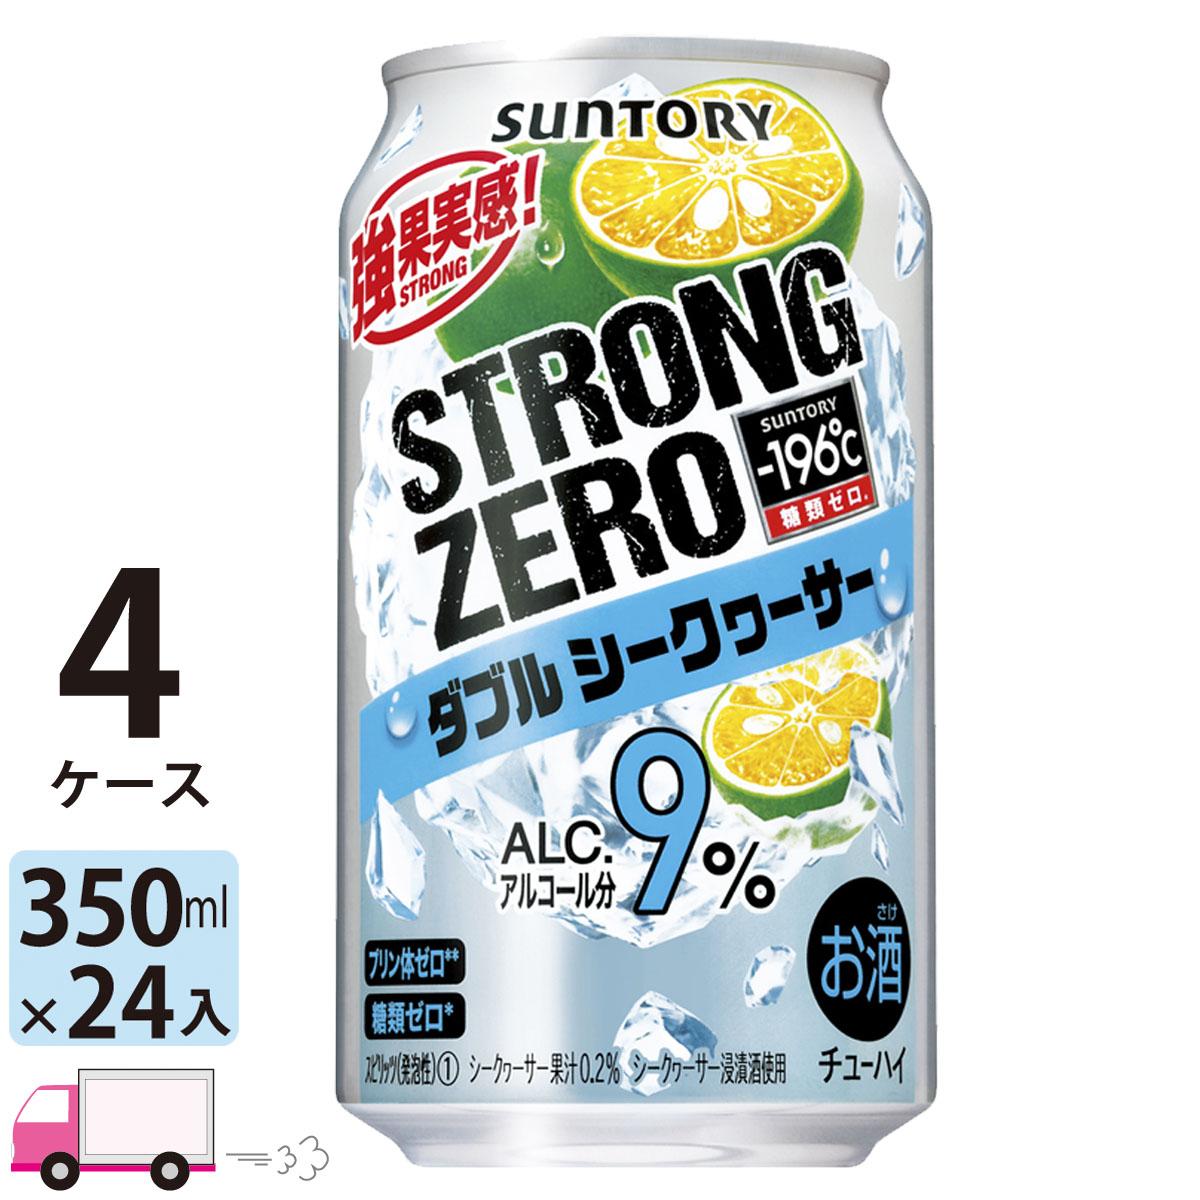 キャンペーン サントリー ストロング ゼロ